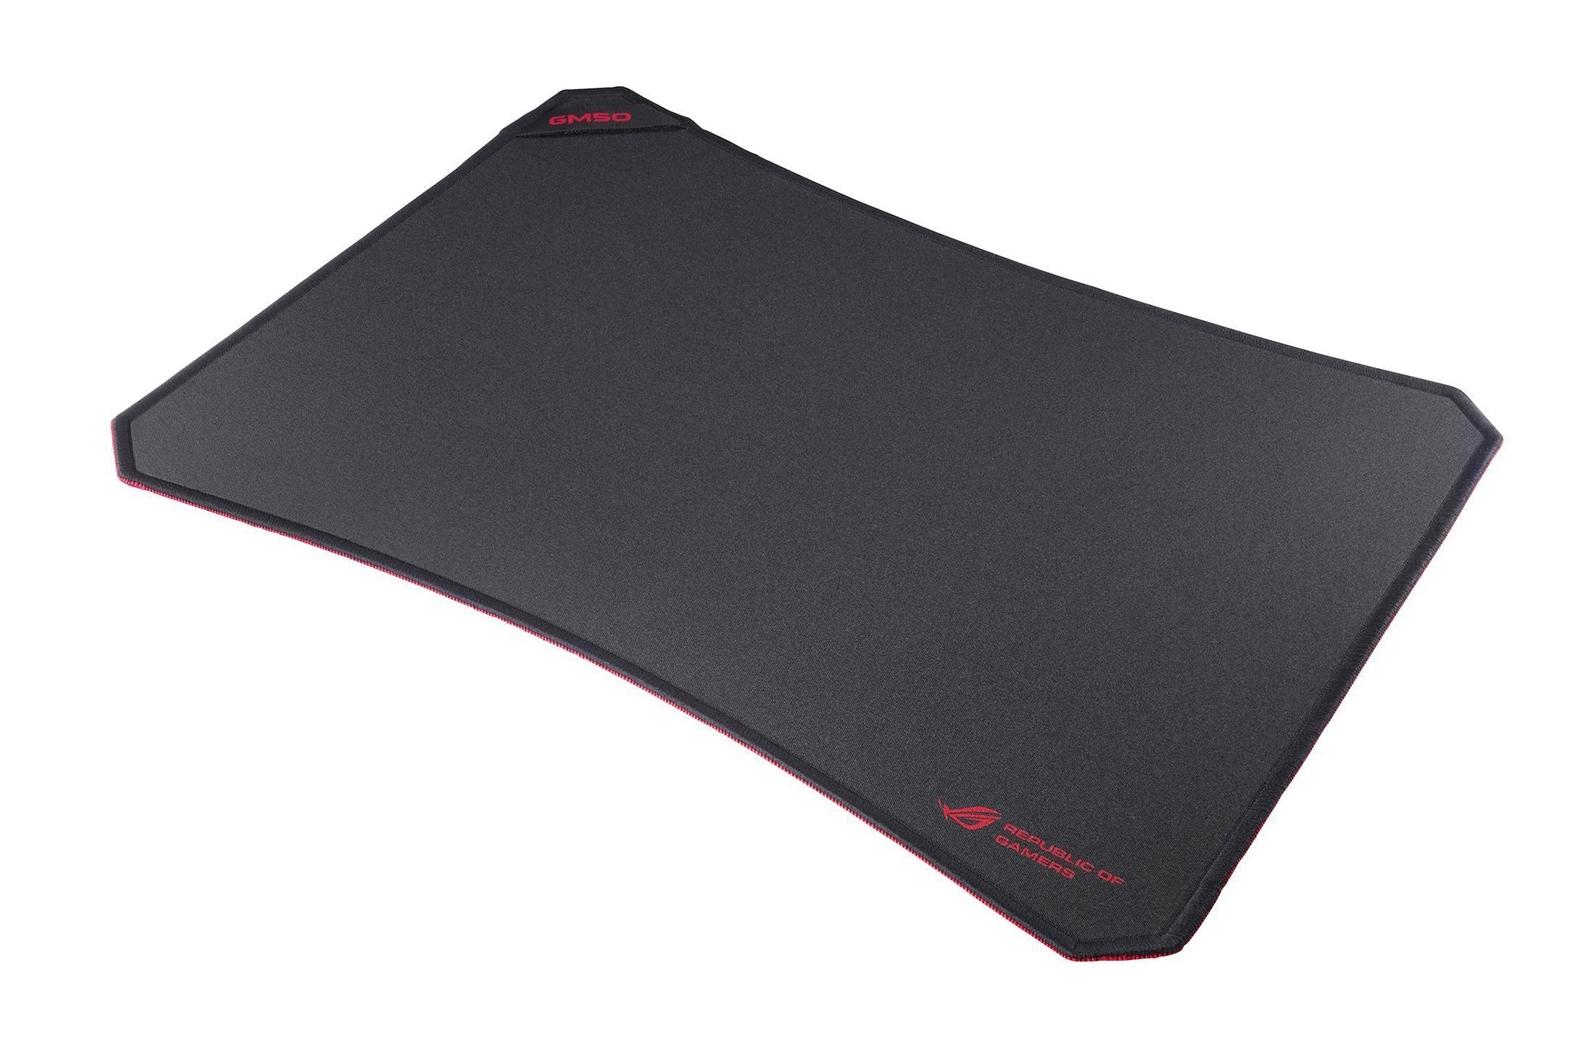 Коврик для мыши Asus GM50 Mousepad Speed, Black